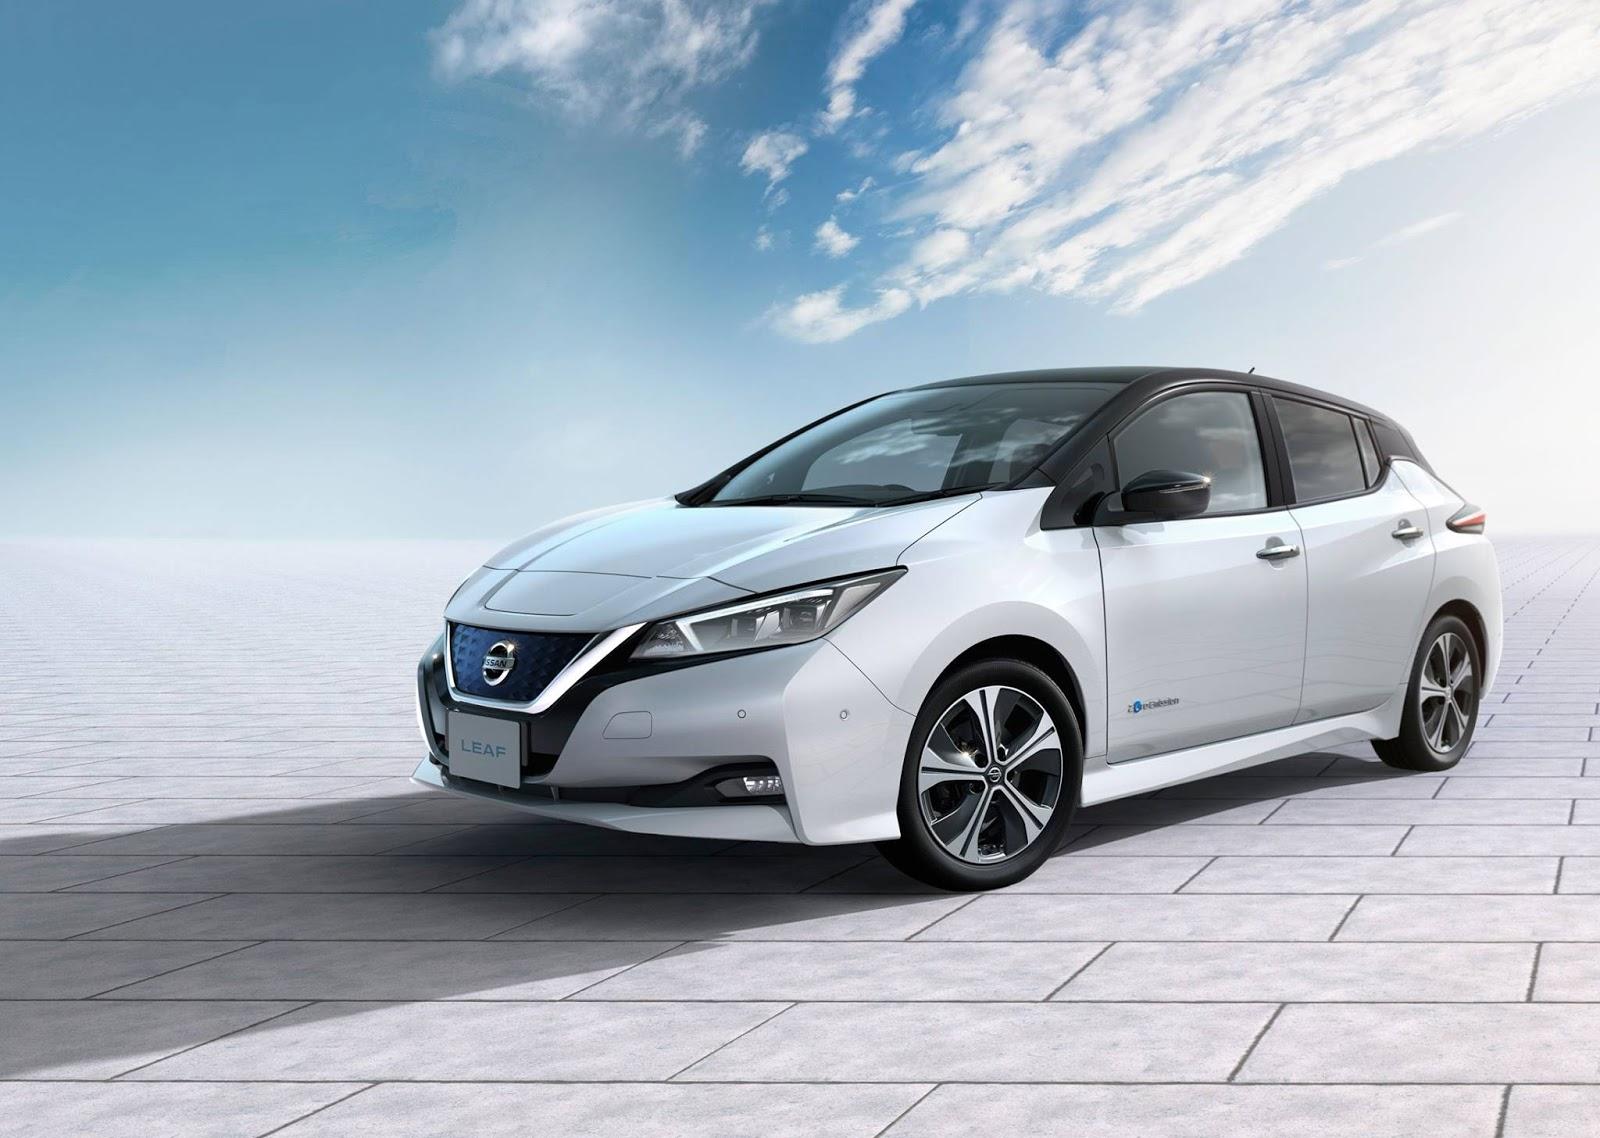 300.000 ηλεκτρικά αυτοκίνητα Nissan LEAF πουλήθηκαν μέχρι σήμερα